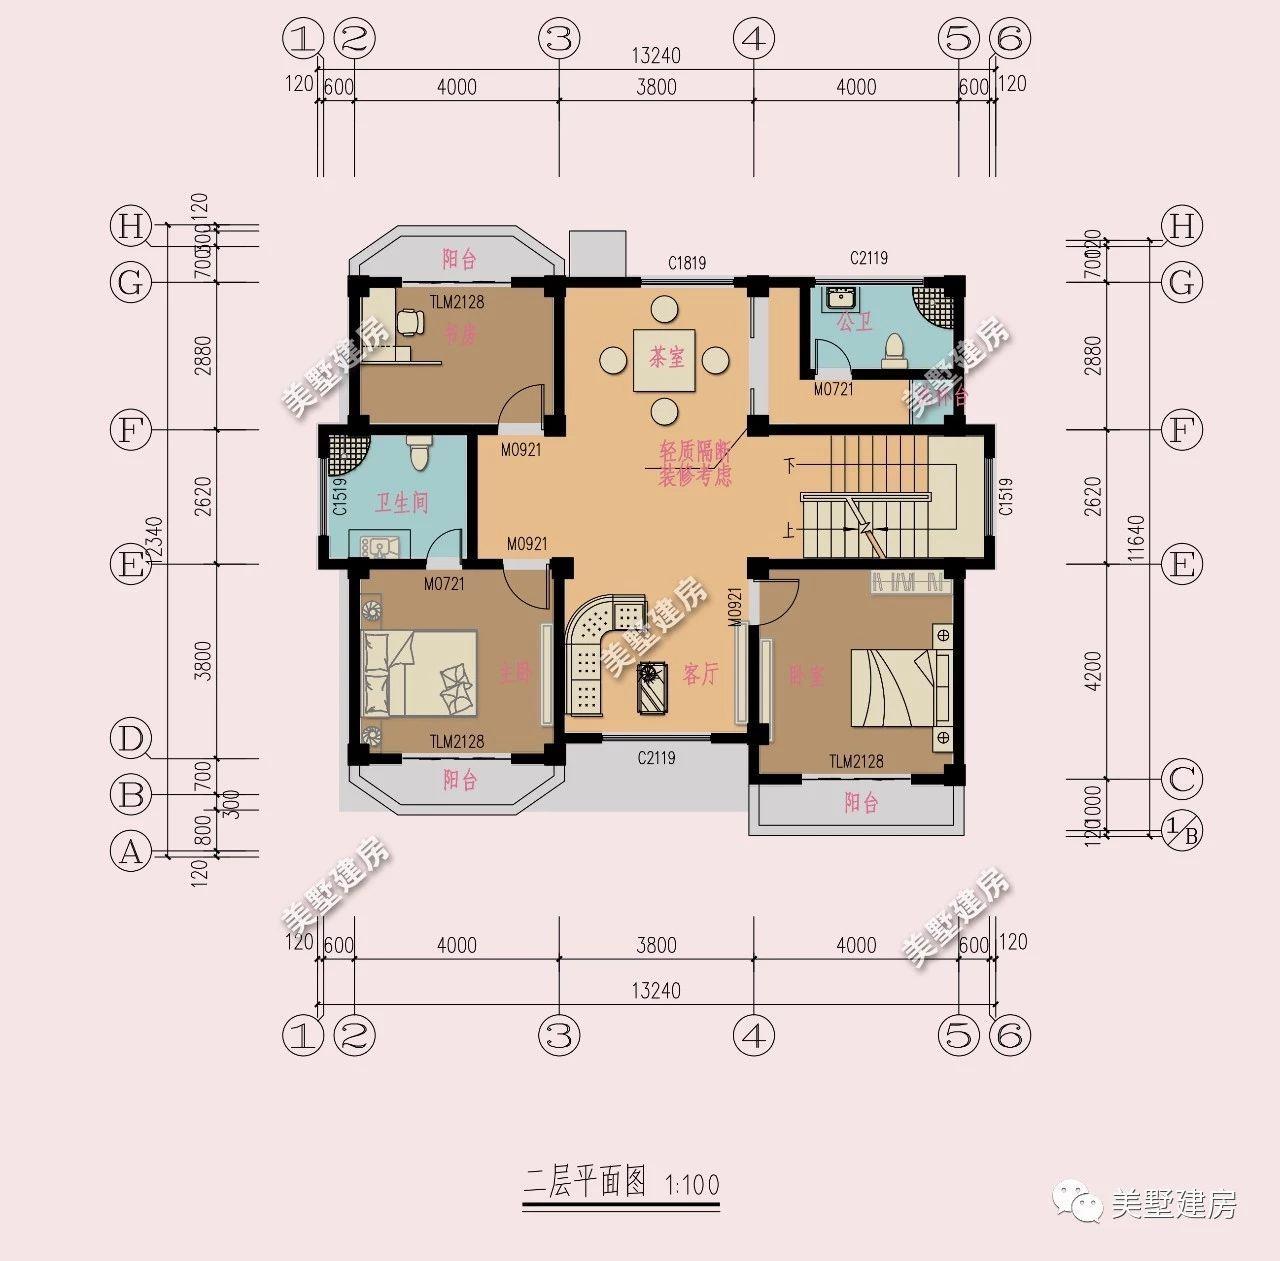 农村自建房别墅,宽11米深八米厨房另外建,该怎么设计好?图片